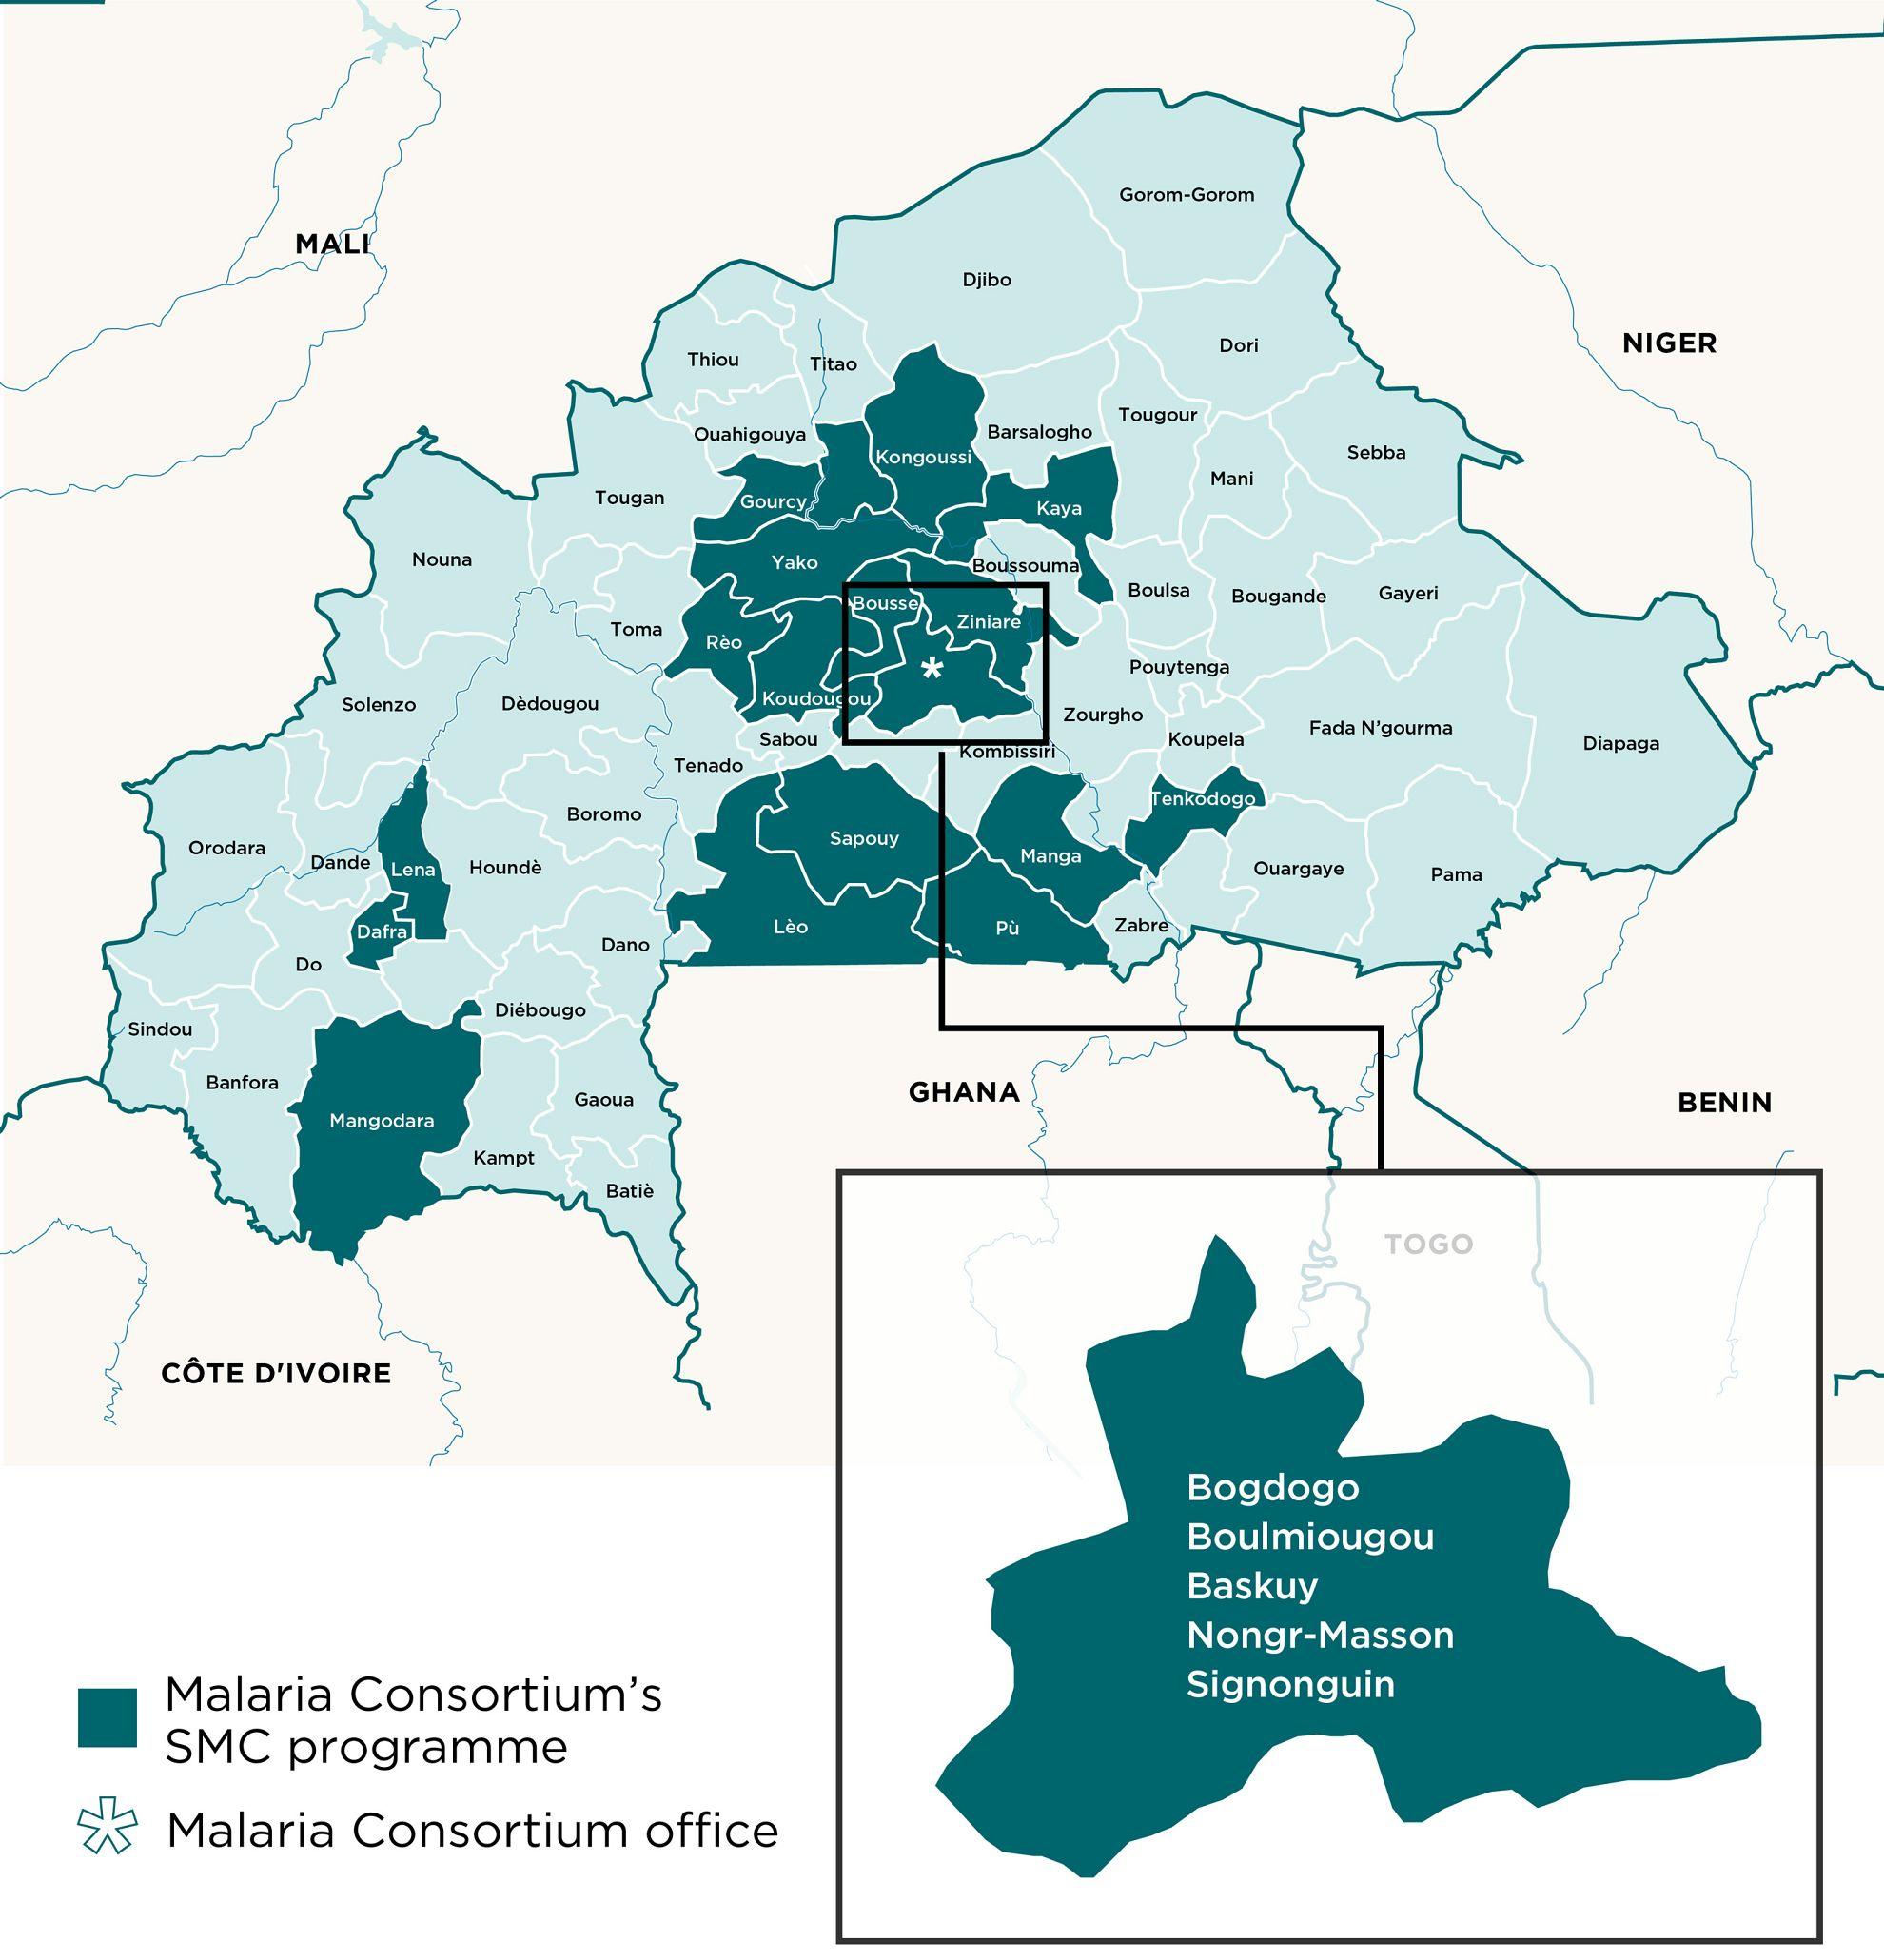 Malaria Consortium - Burkina Faso